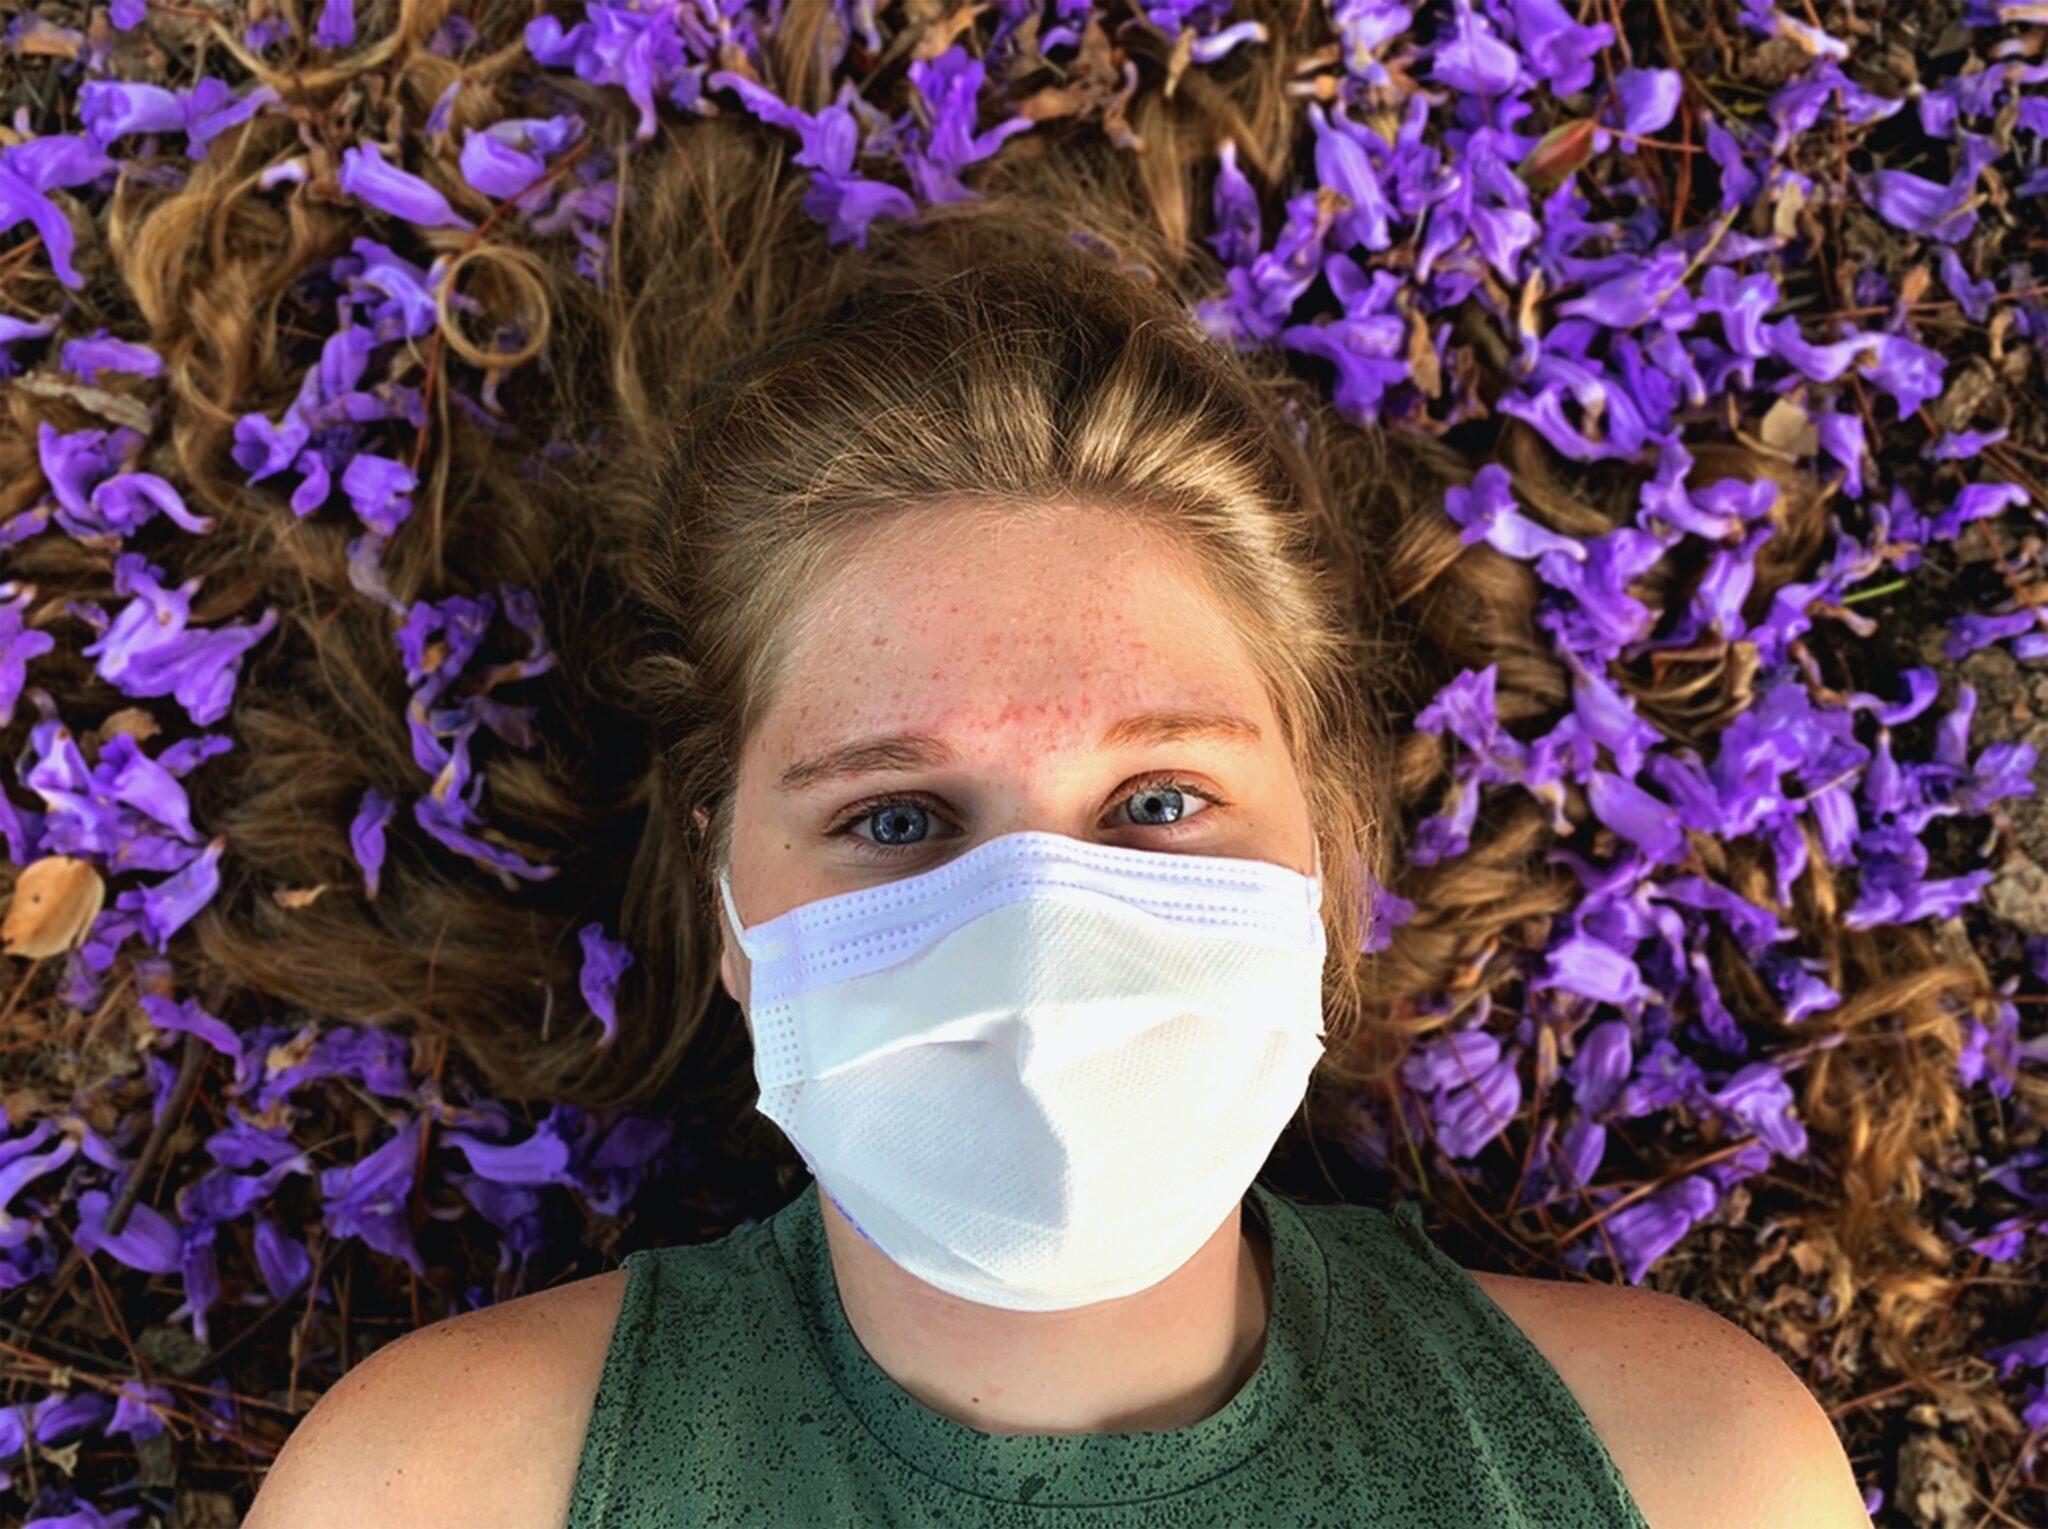 problemas de pele ao usar máscara